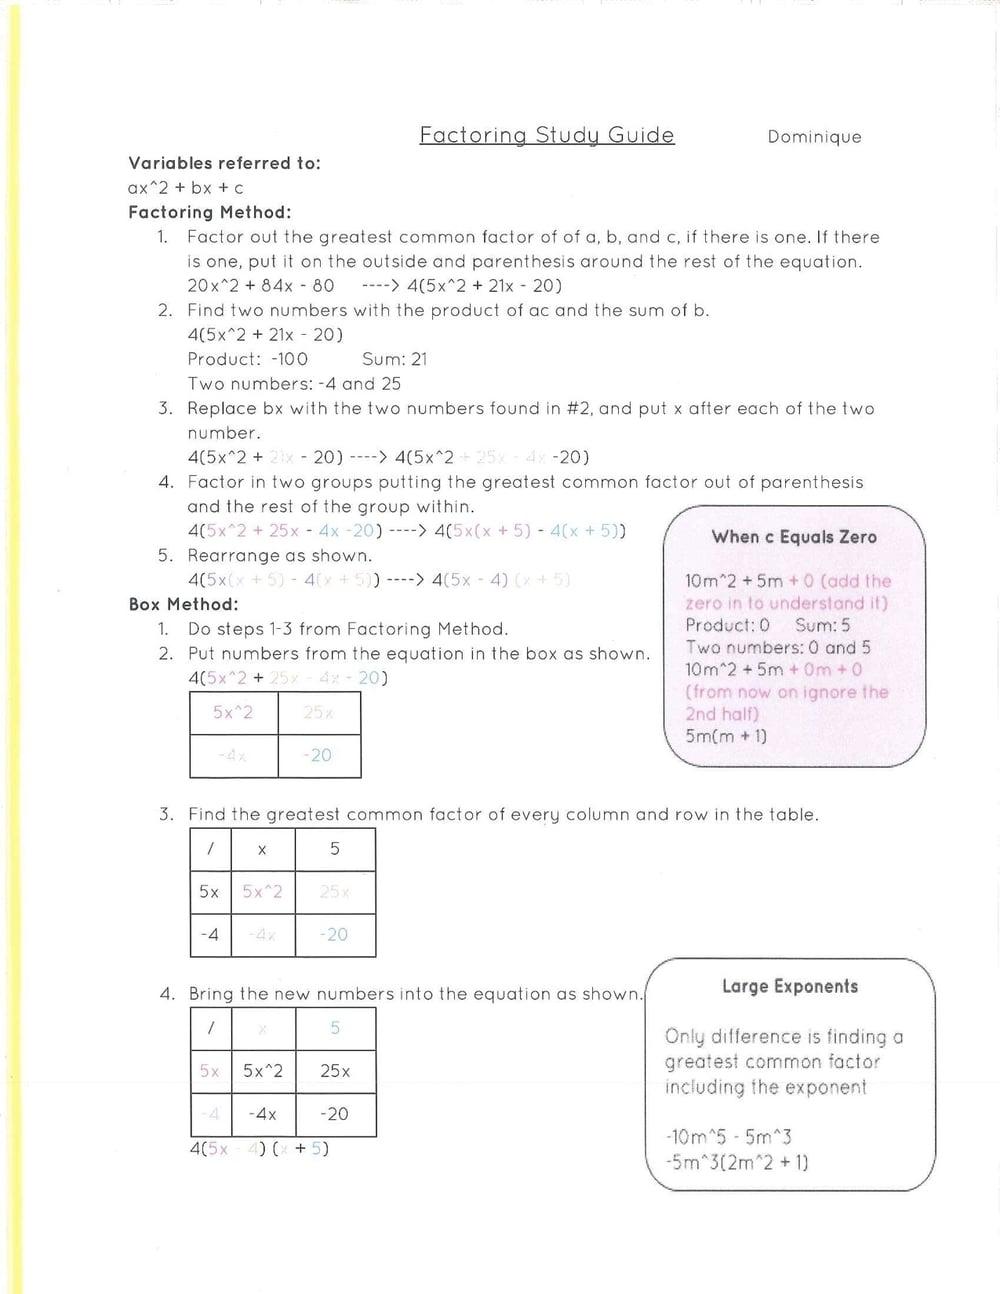 Dominique Study Guide.jpg